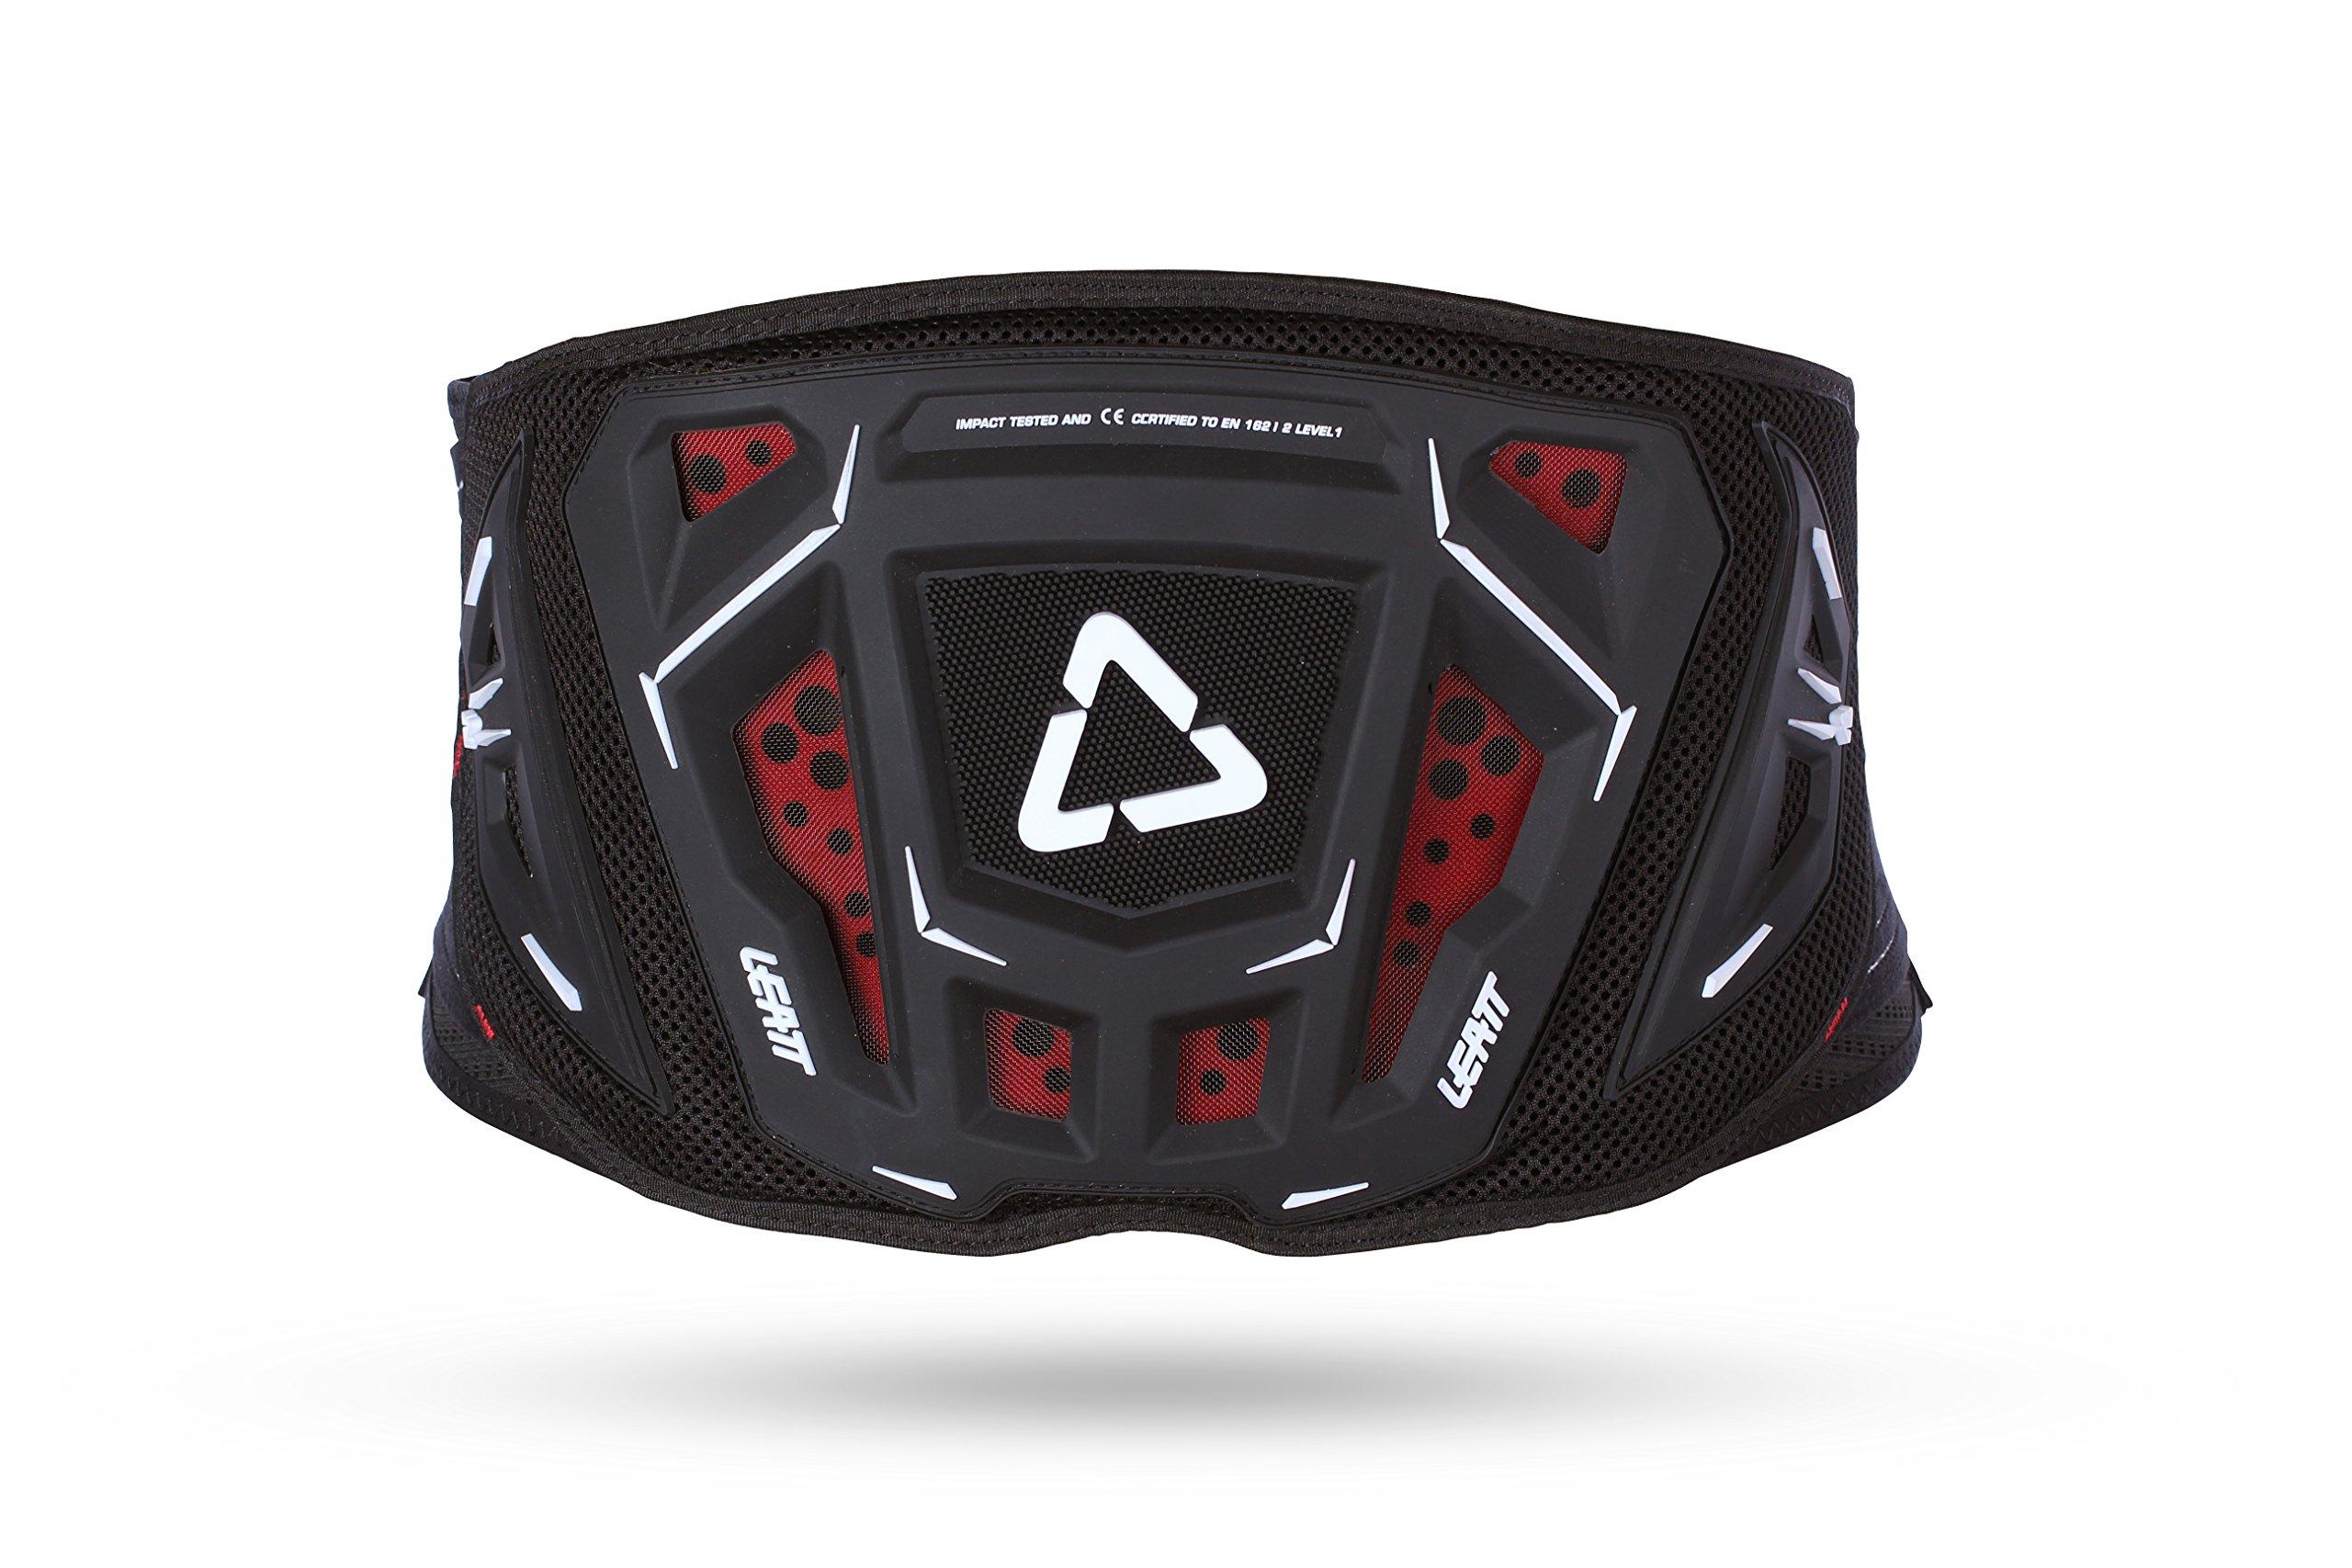 Leatt 3DF 3.5 Kidney Belt (Black, 2X-Large/3X-Large) by Leatt Brace